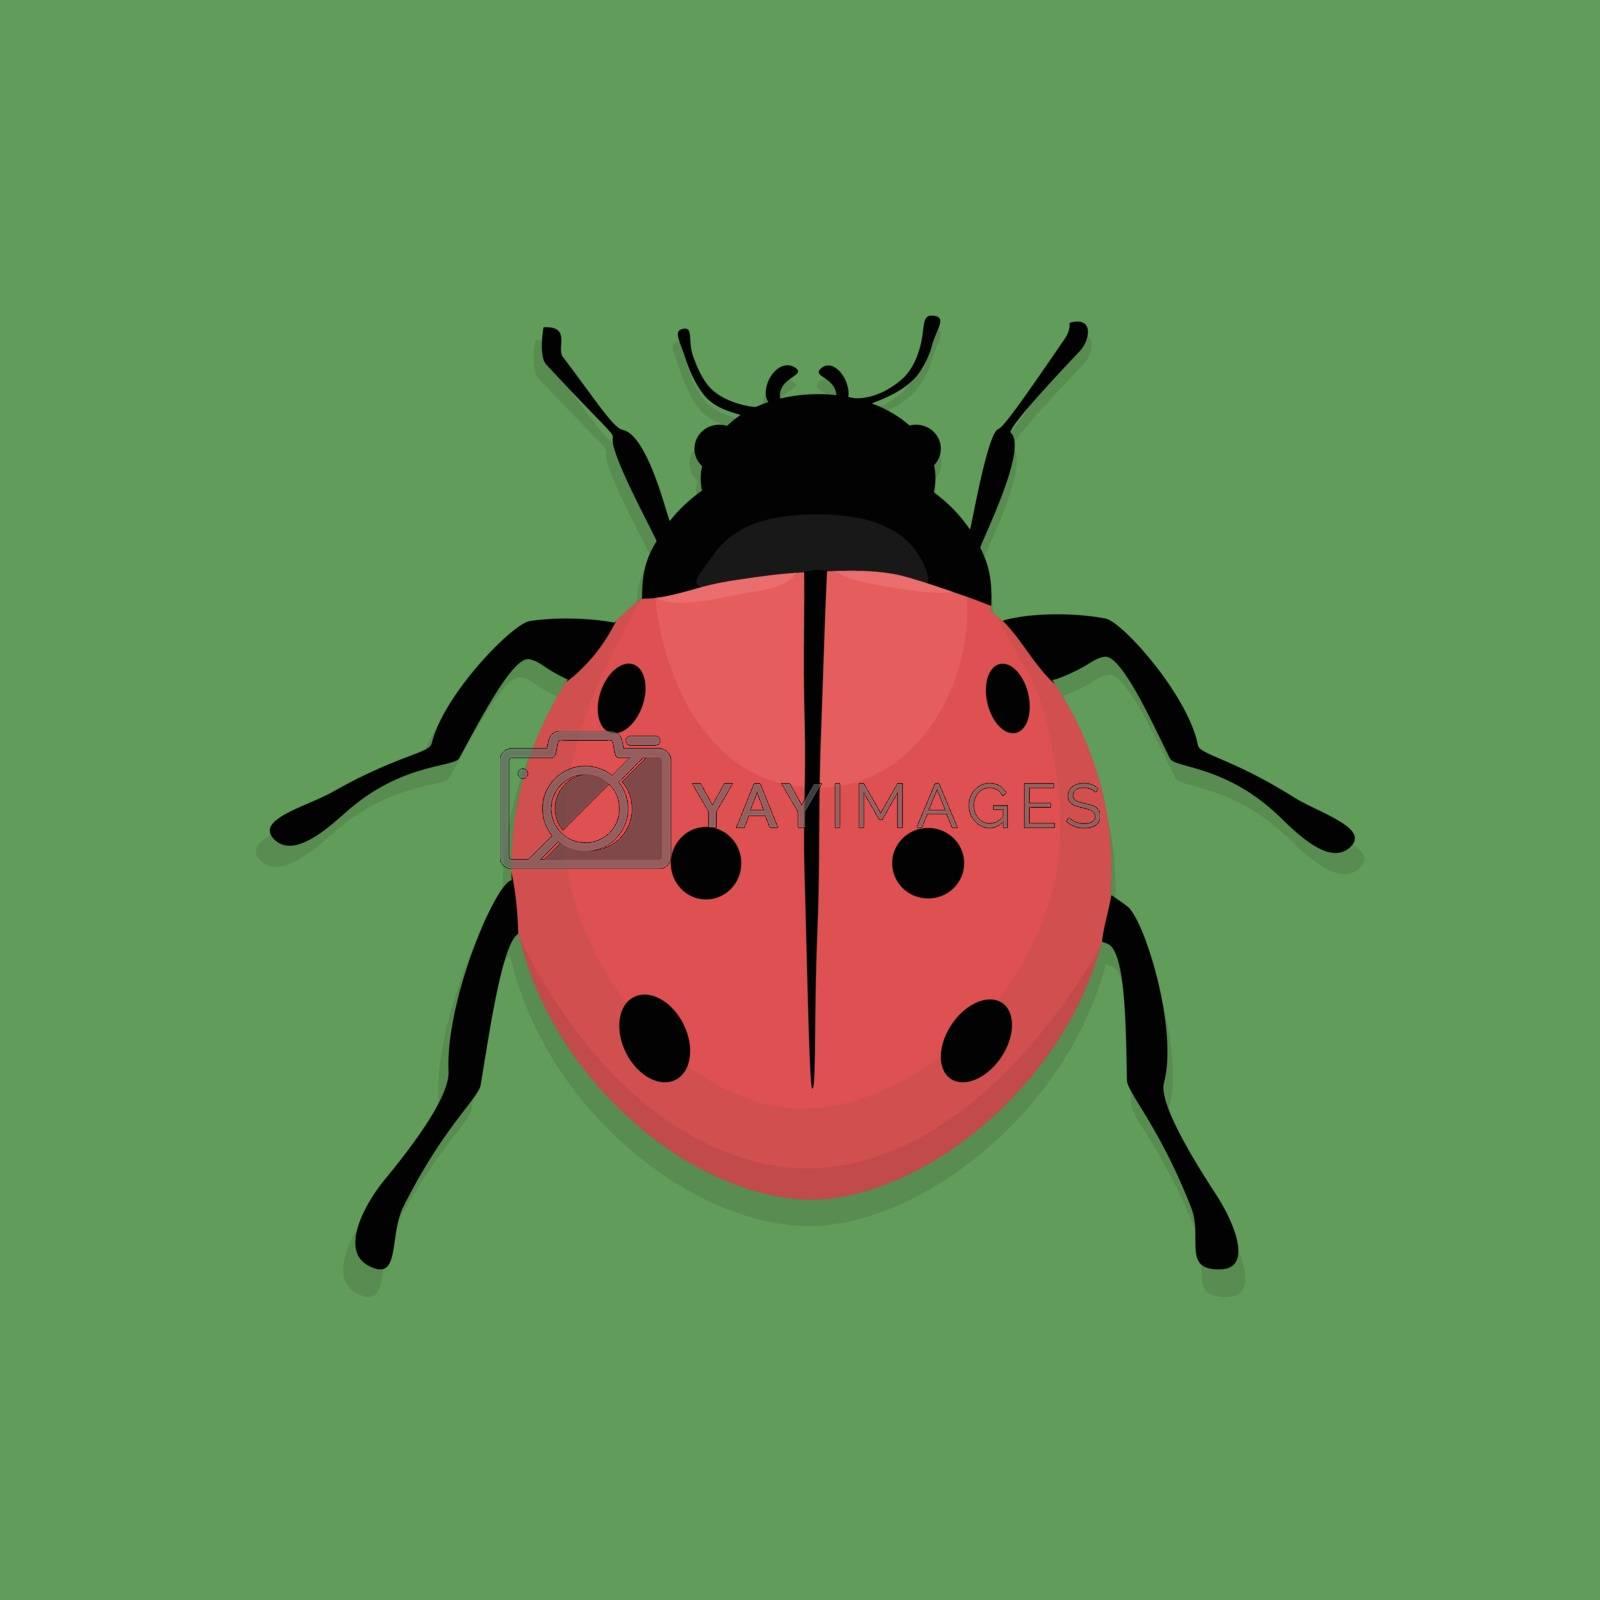 Royalty free image of Ladybug by Oleksii